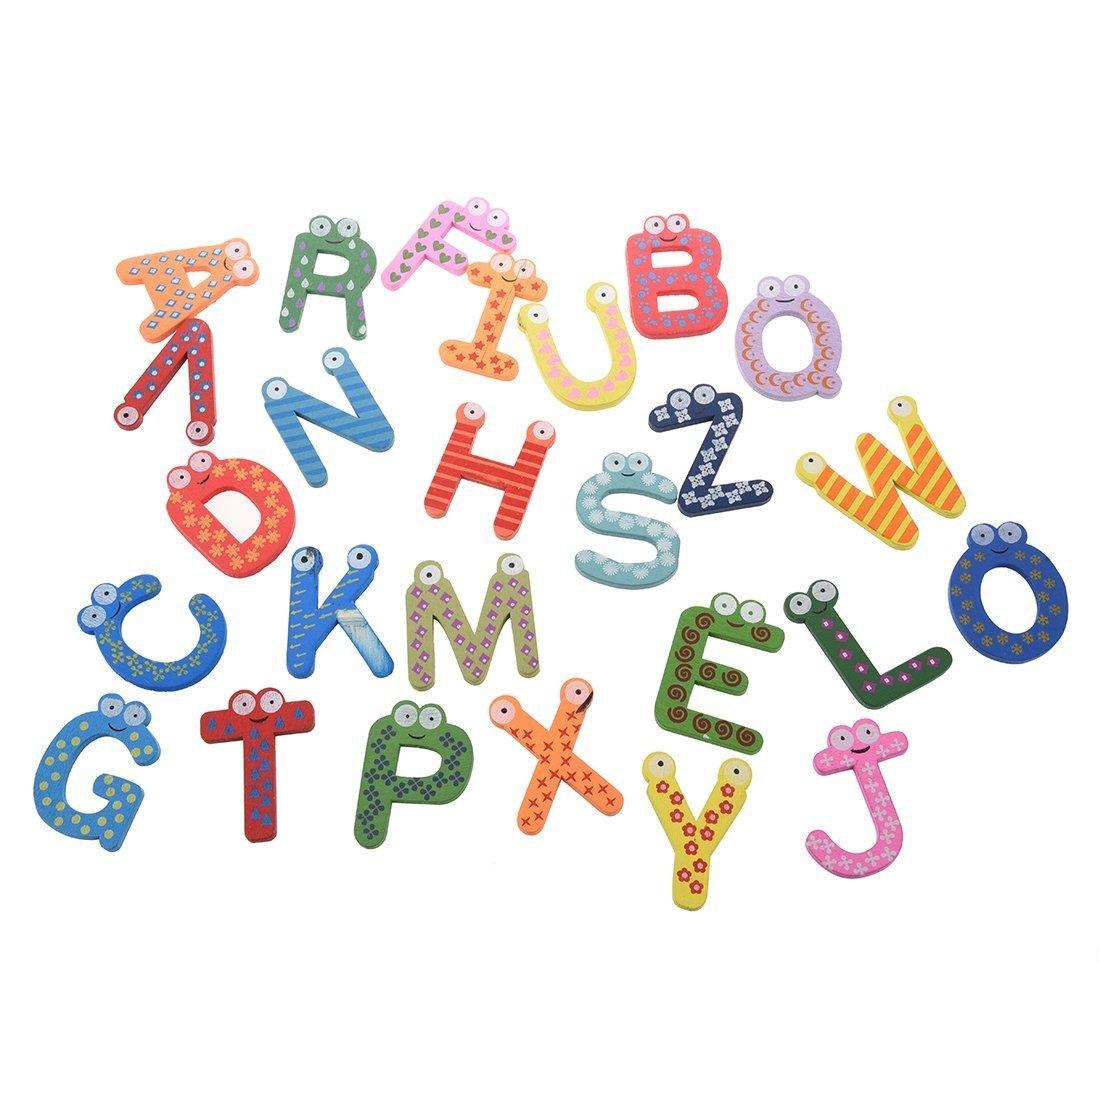 apprendimento Giocattoli - SODIAL(R) 26 A-Z lettere dell'alfabeto magneti da frigorifero legno decorazione della casa LEPAZN4450